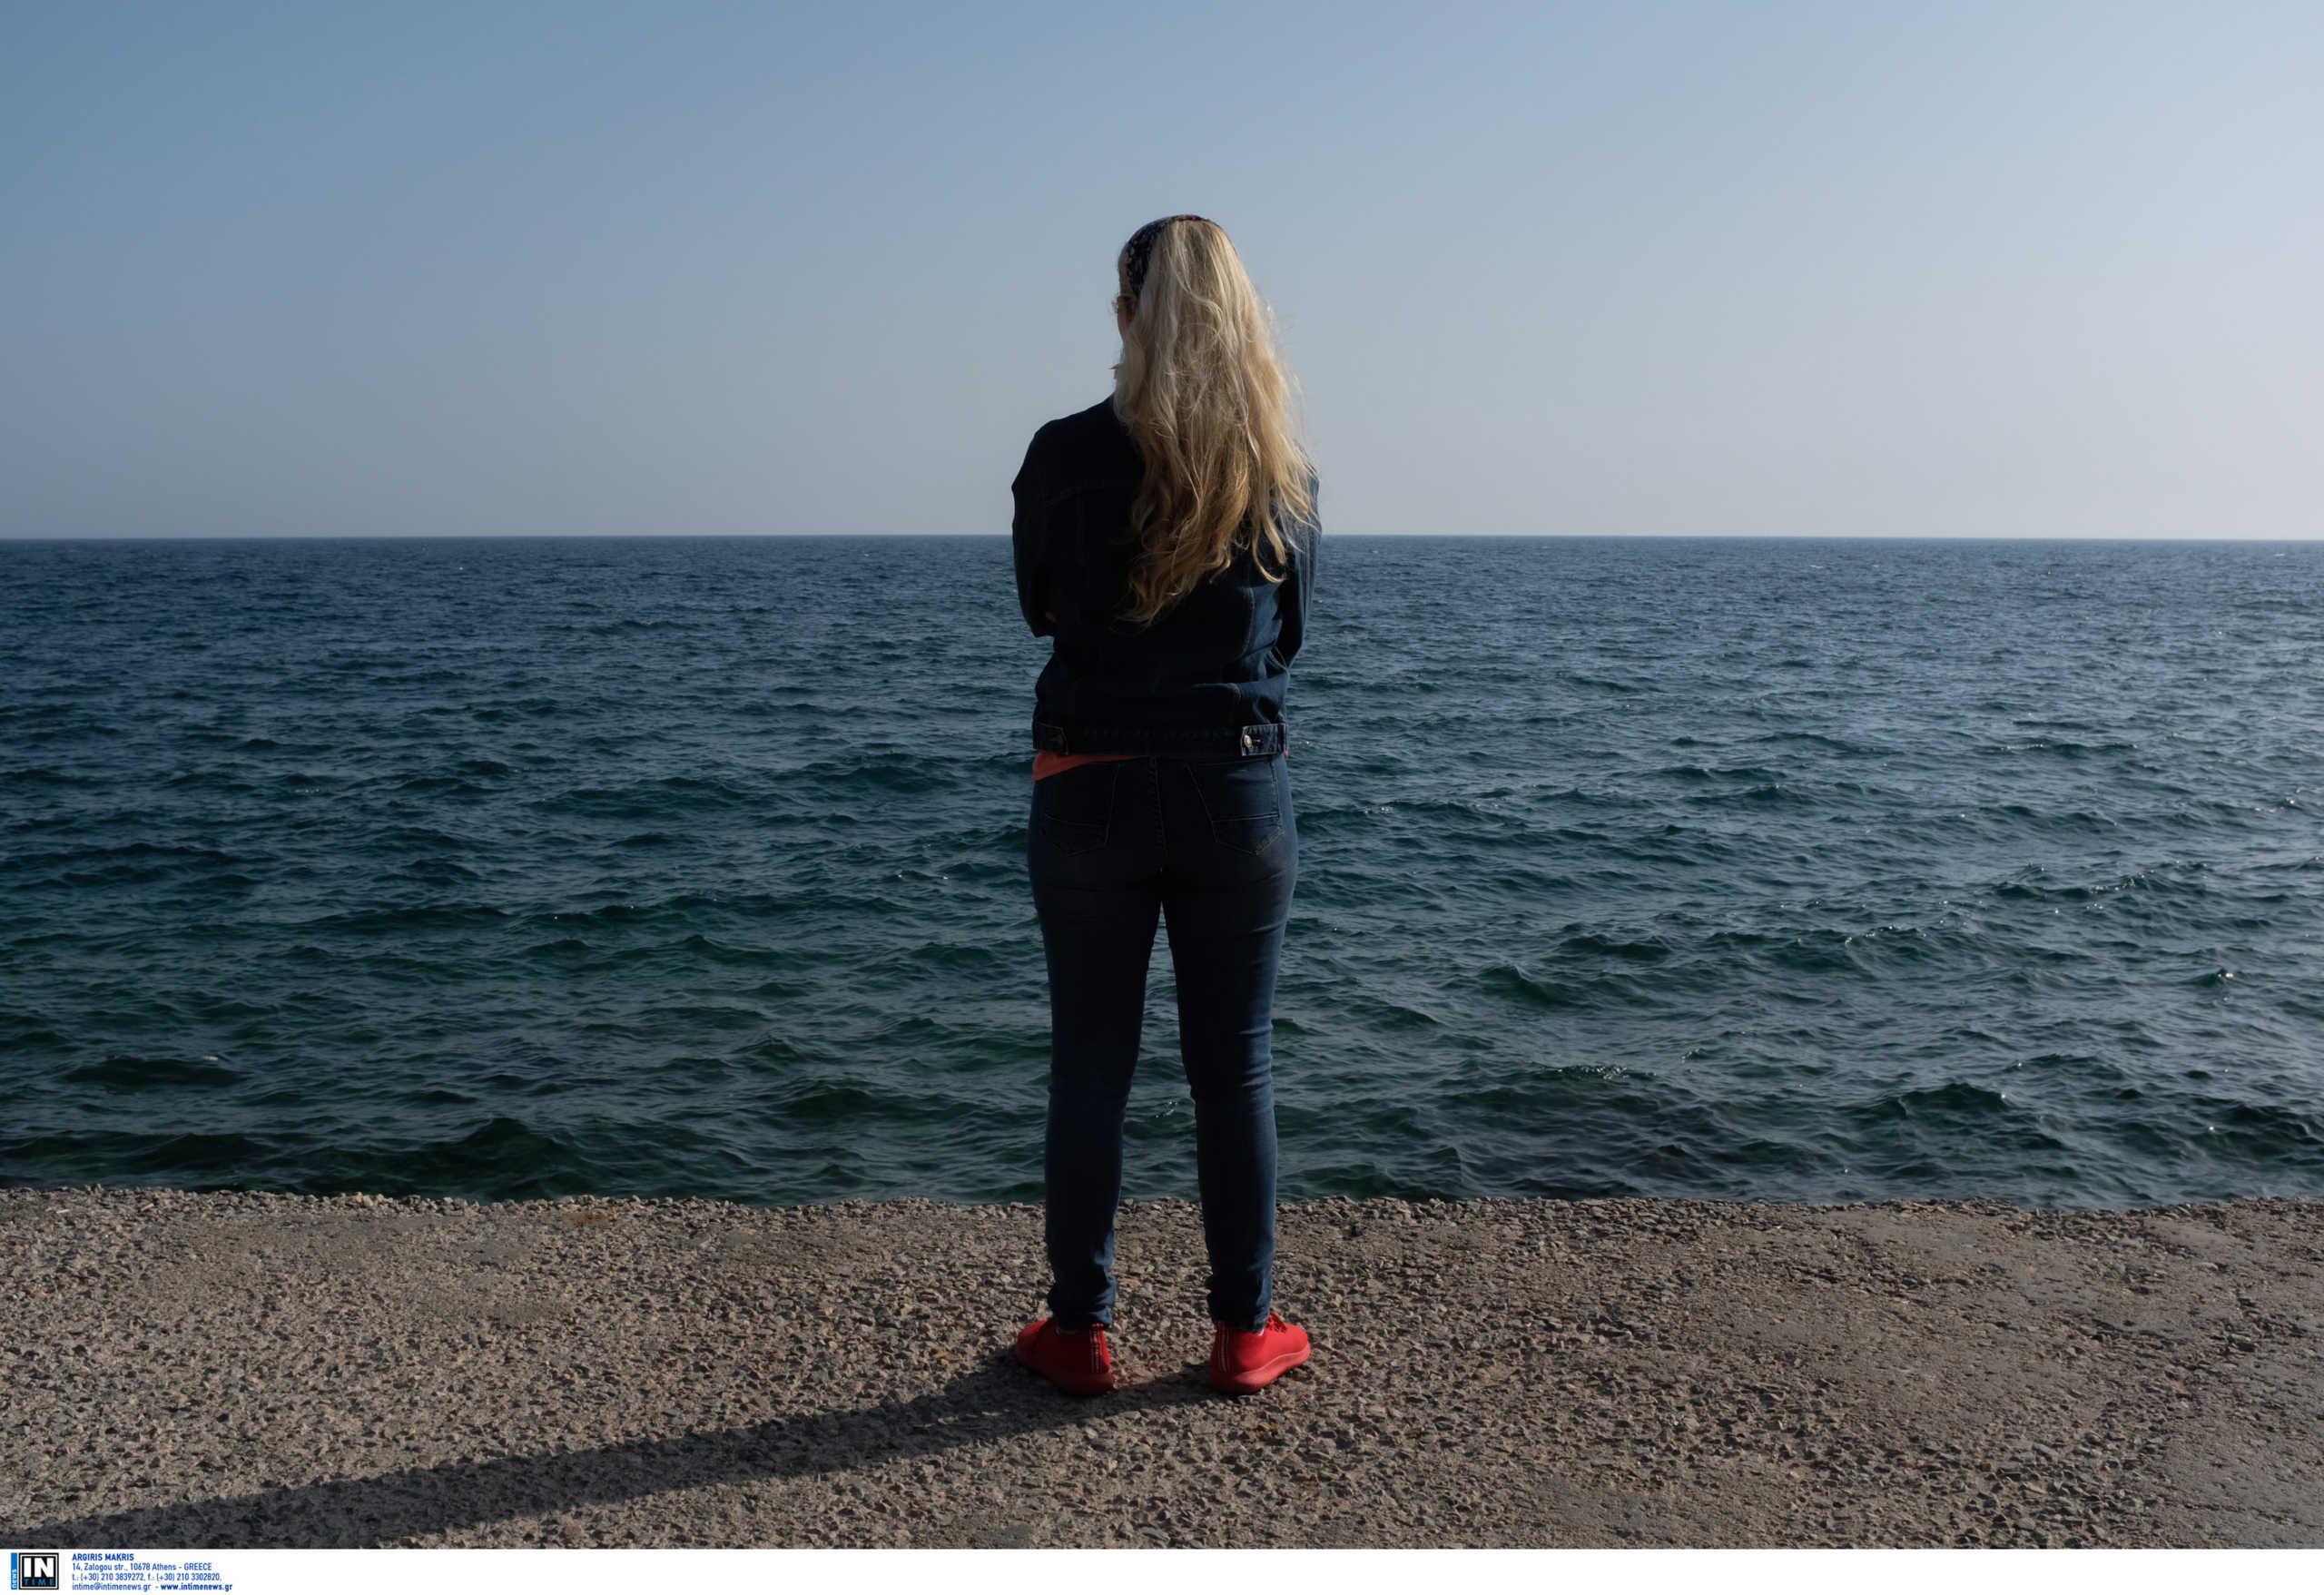 Ρόδος: Οι φήμες για εξωσυζυγική σχέση, ο γυναικοκαυγάς και η αποζημίωση 400 ευρώ